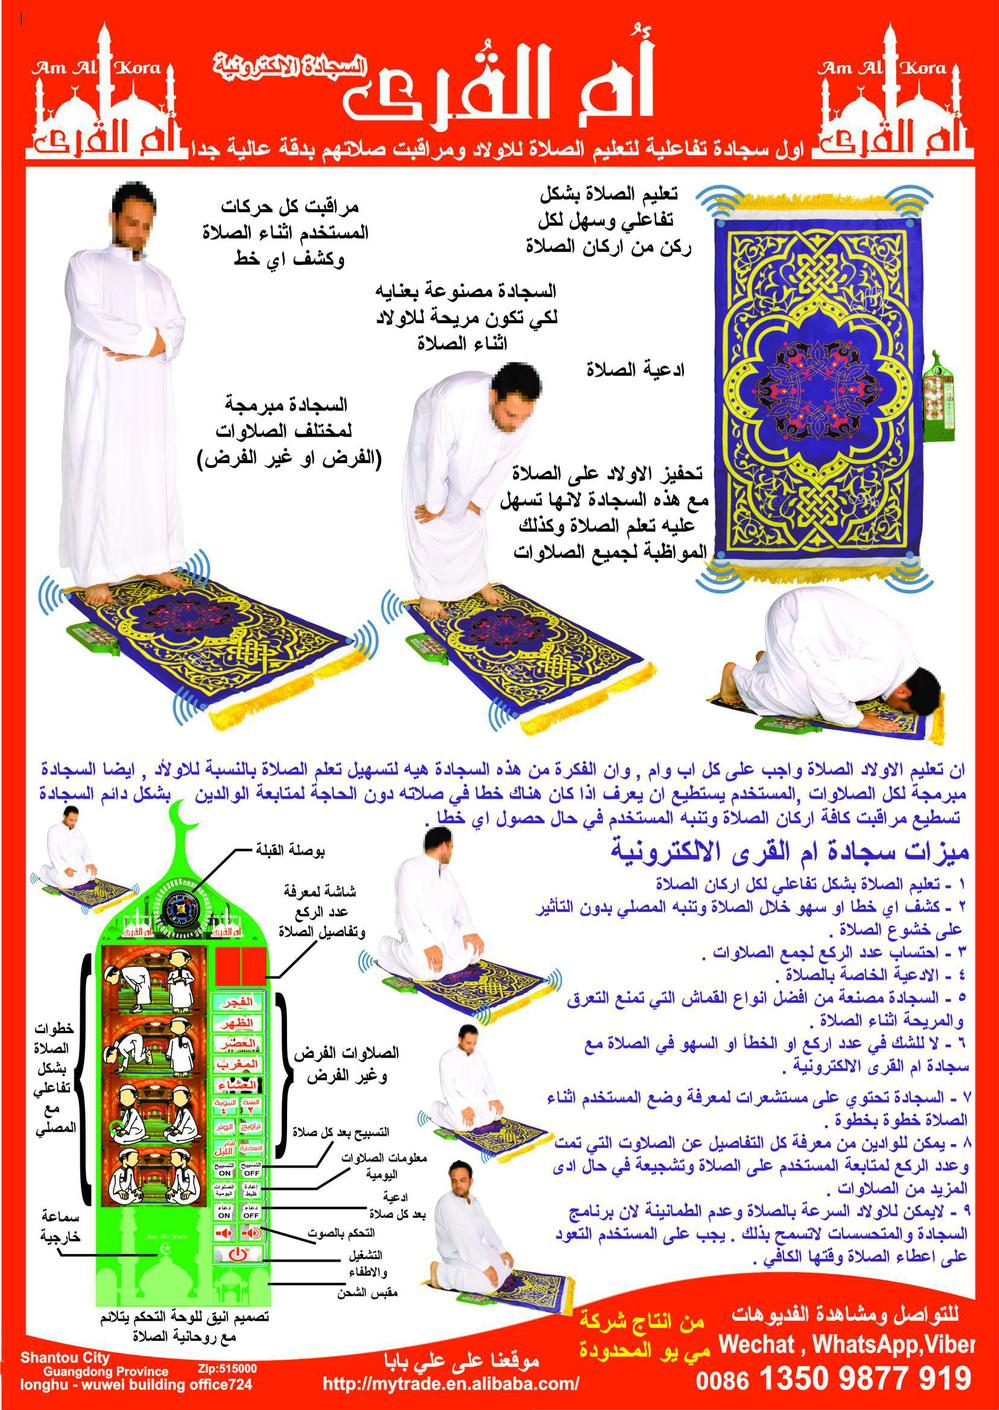 صورة كيف نصلي للاطفال ، صور تعليم الصلاه للاطفال  almstba.com_1357680893_111.jpg